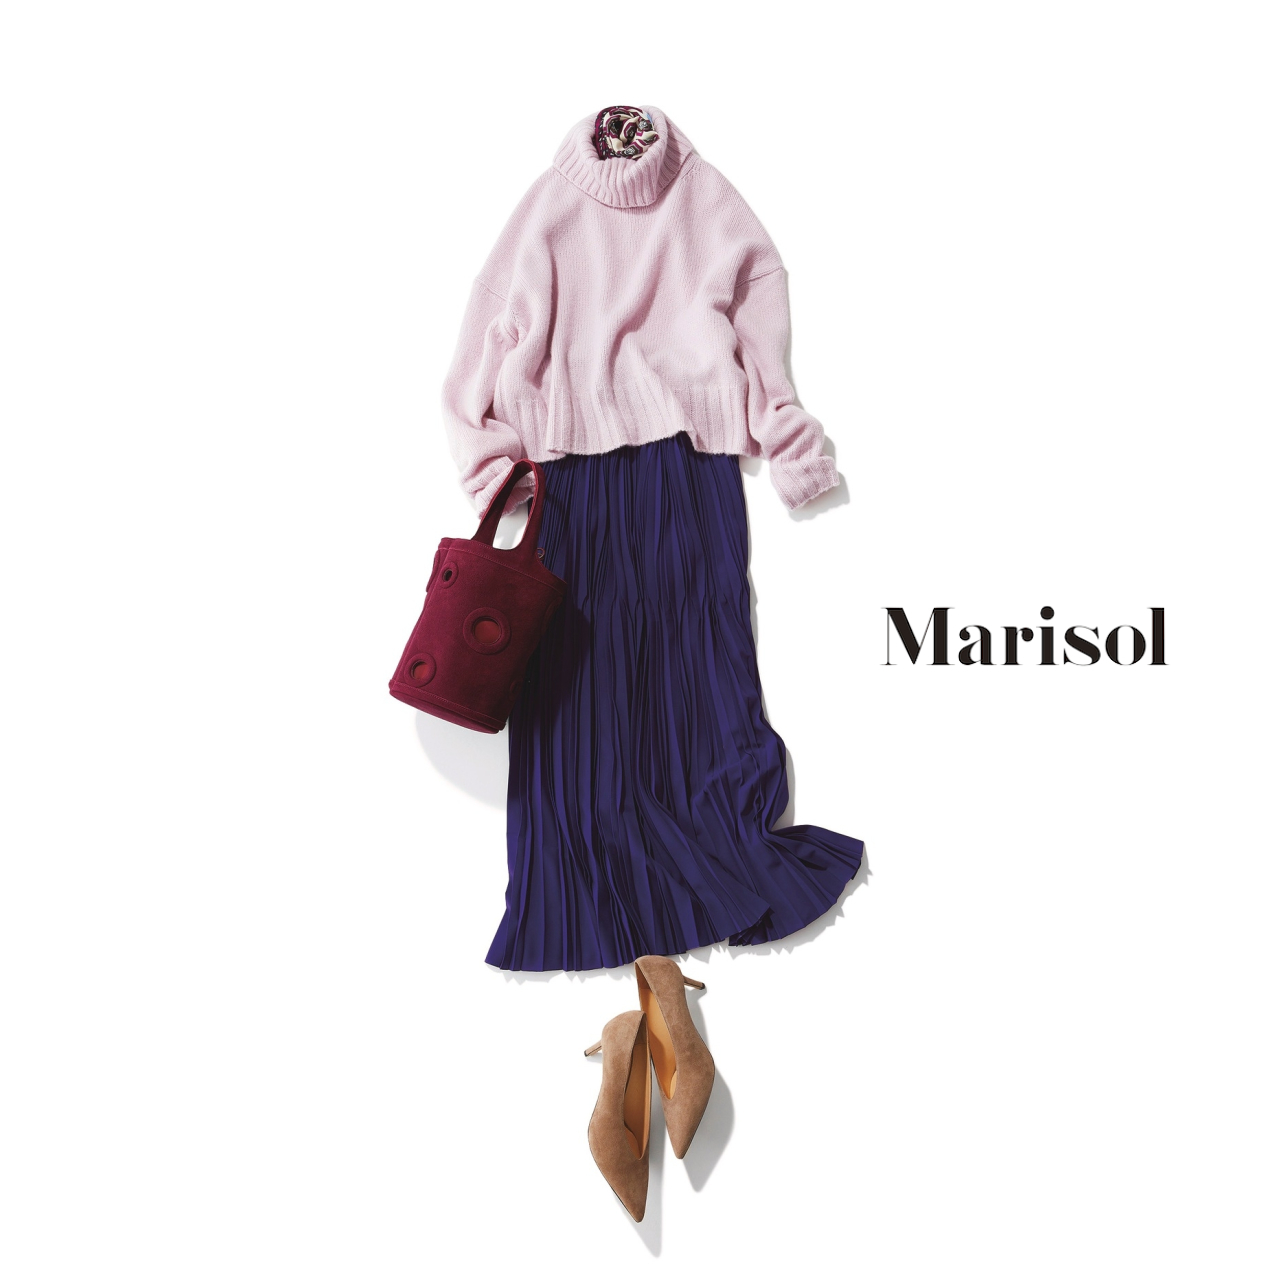 40代ファッション ざっくりピンクニット×マキシスカートコーデ